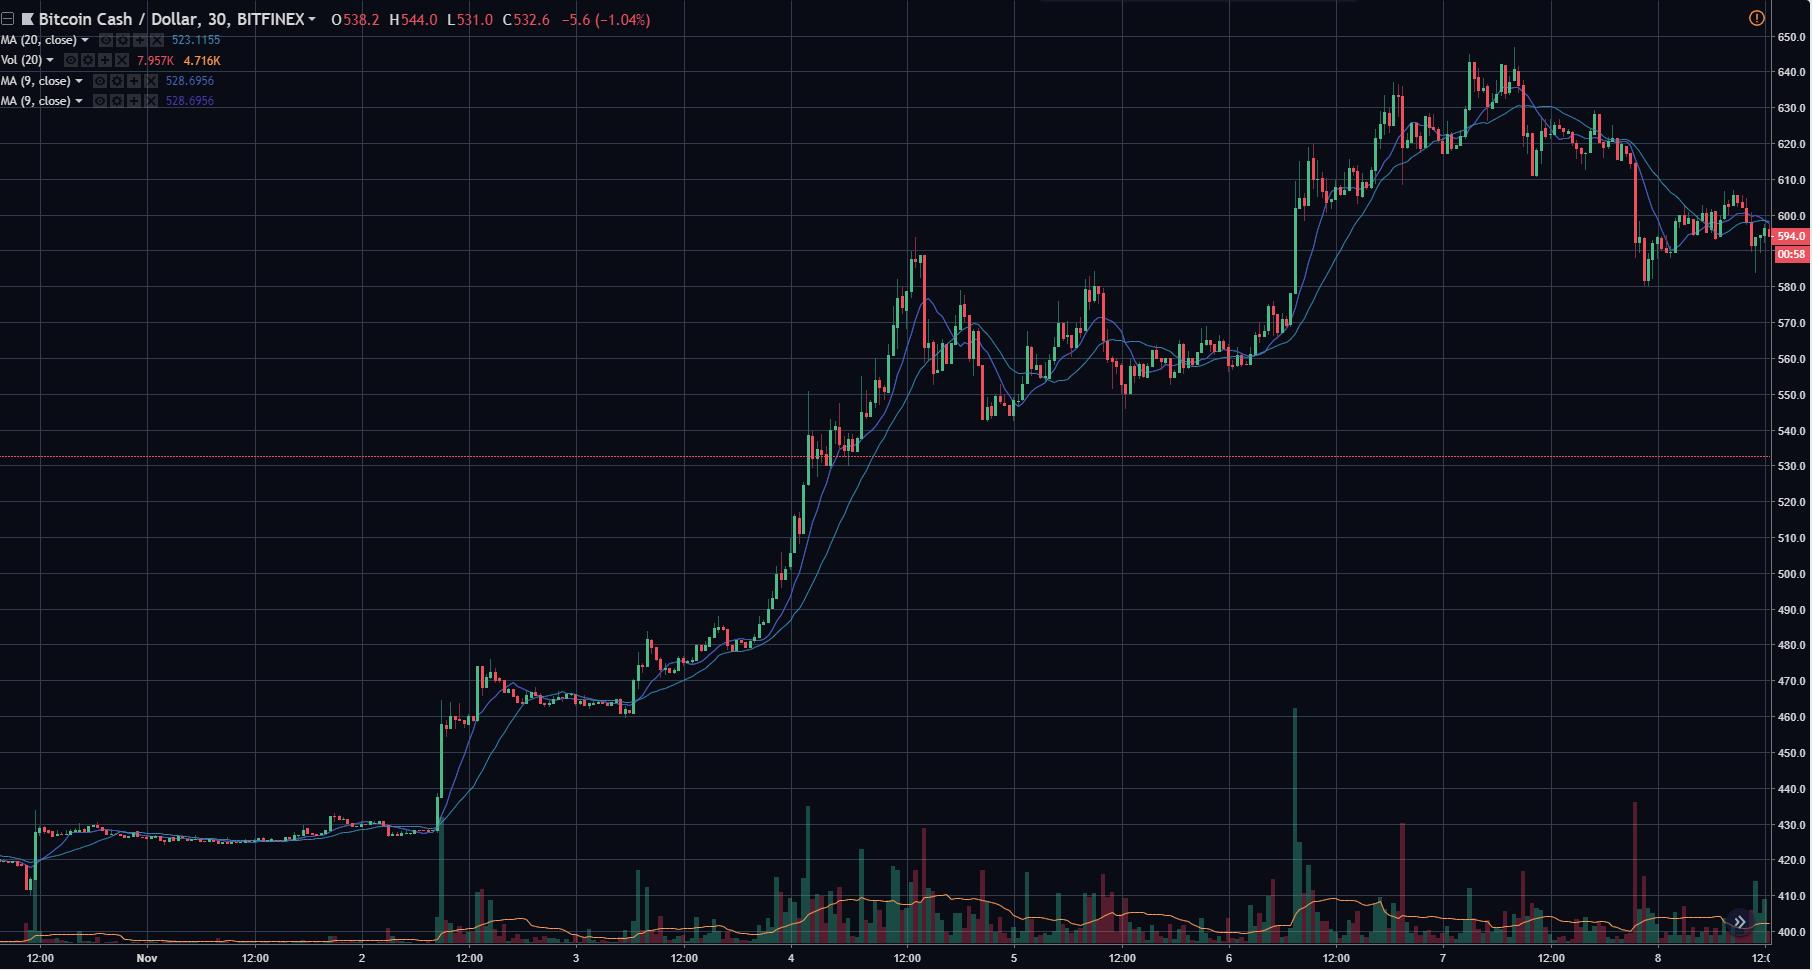 Cryptostreet Trade Recap: Trading Bitcoin Cash Pre-Fork